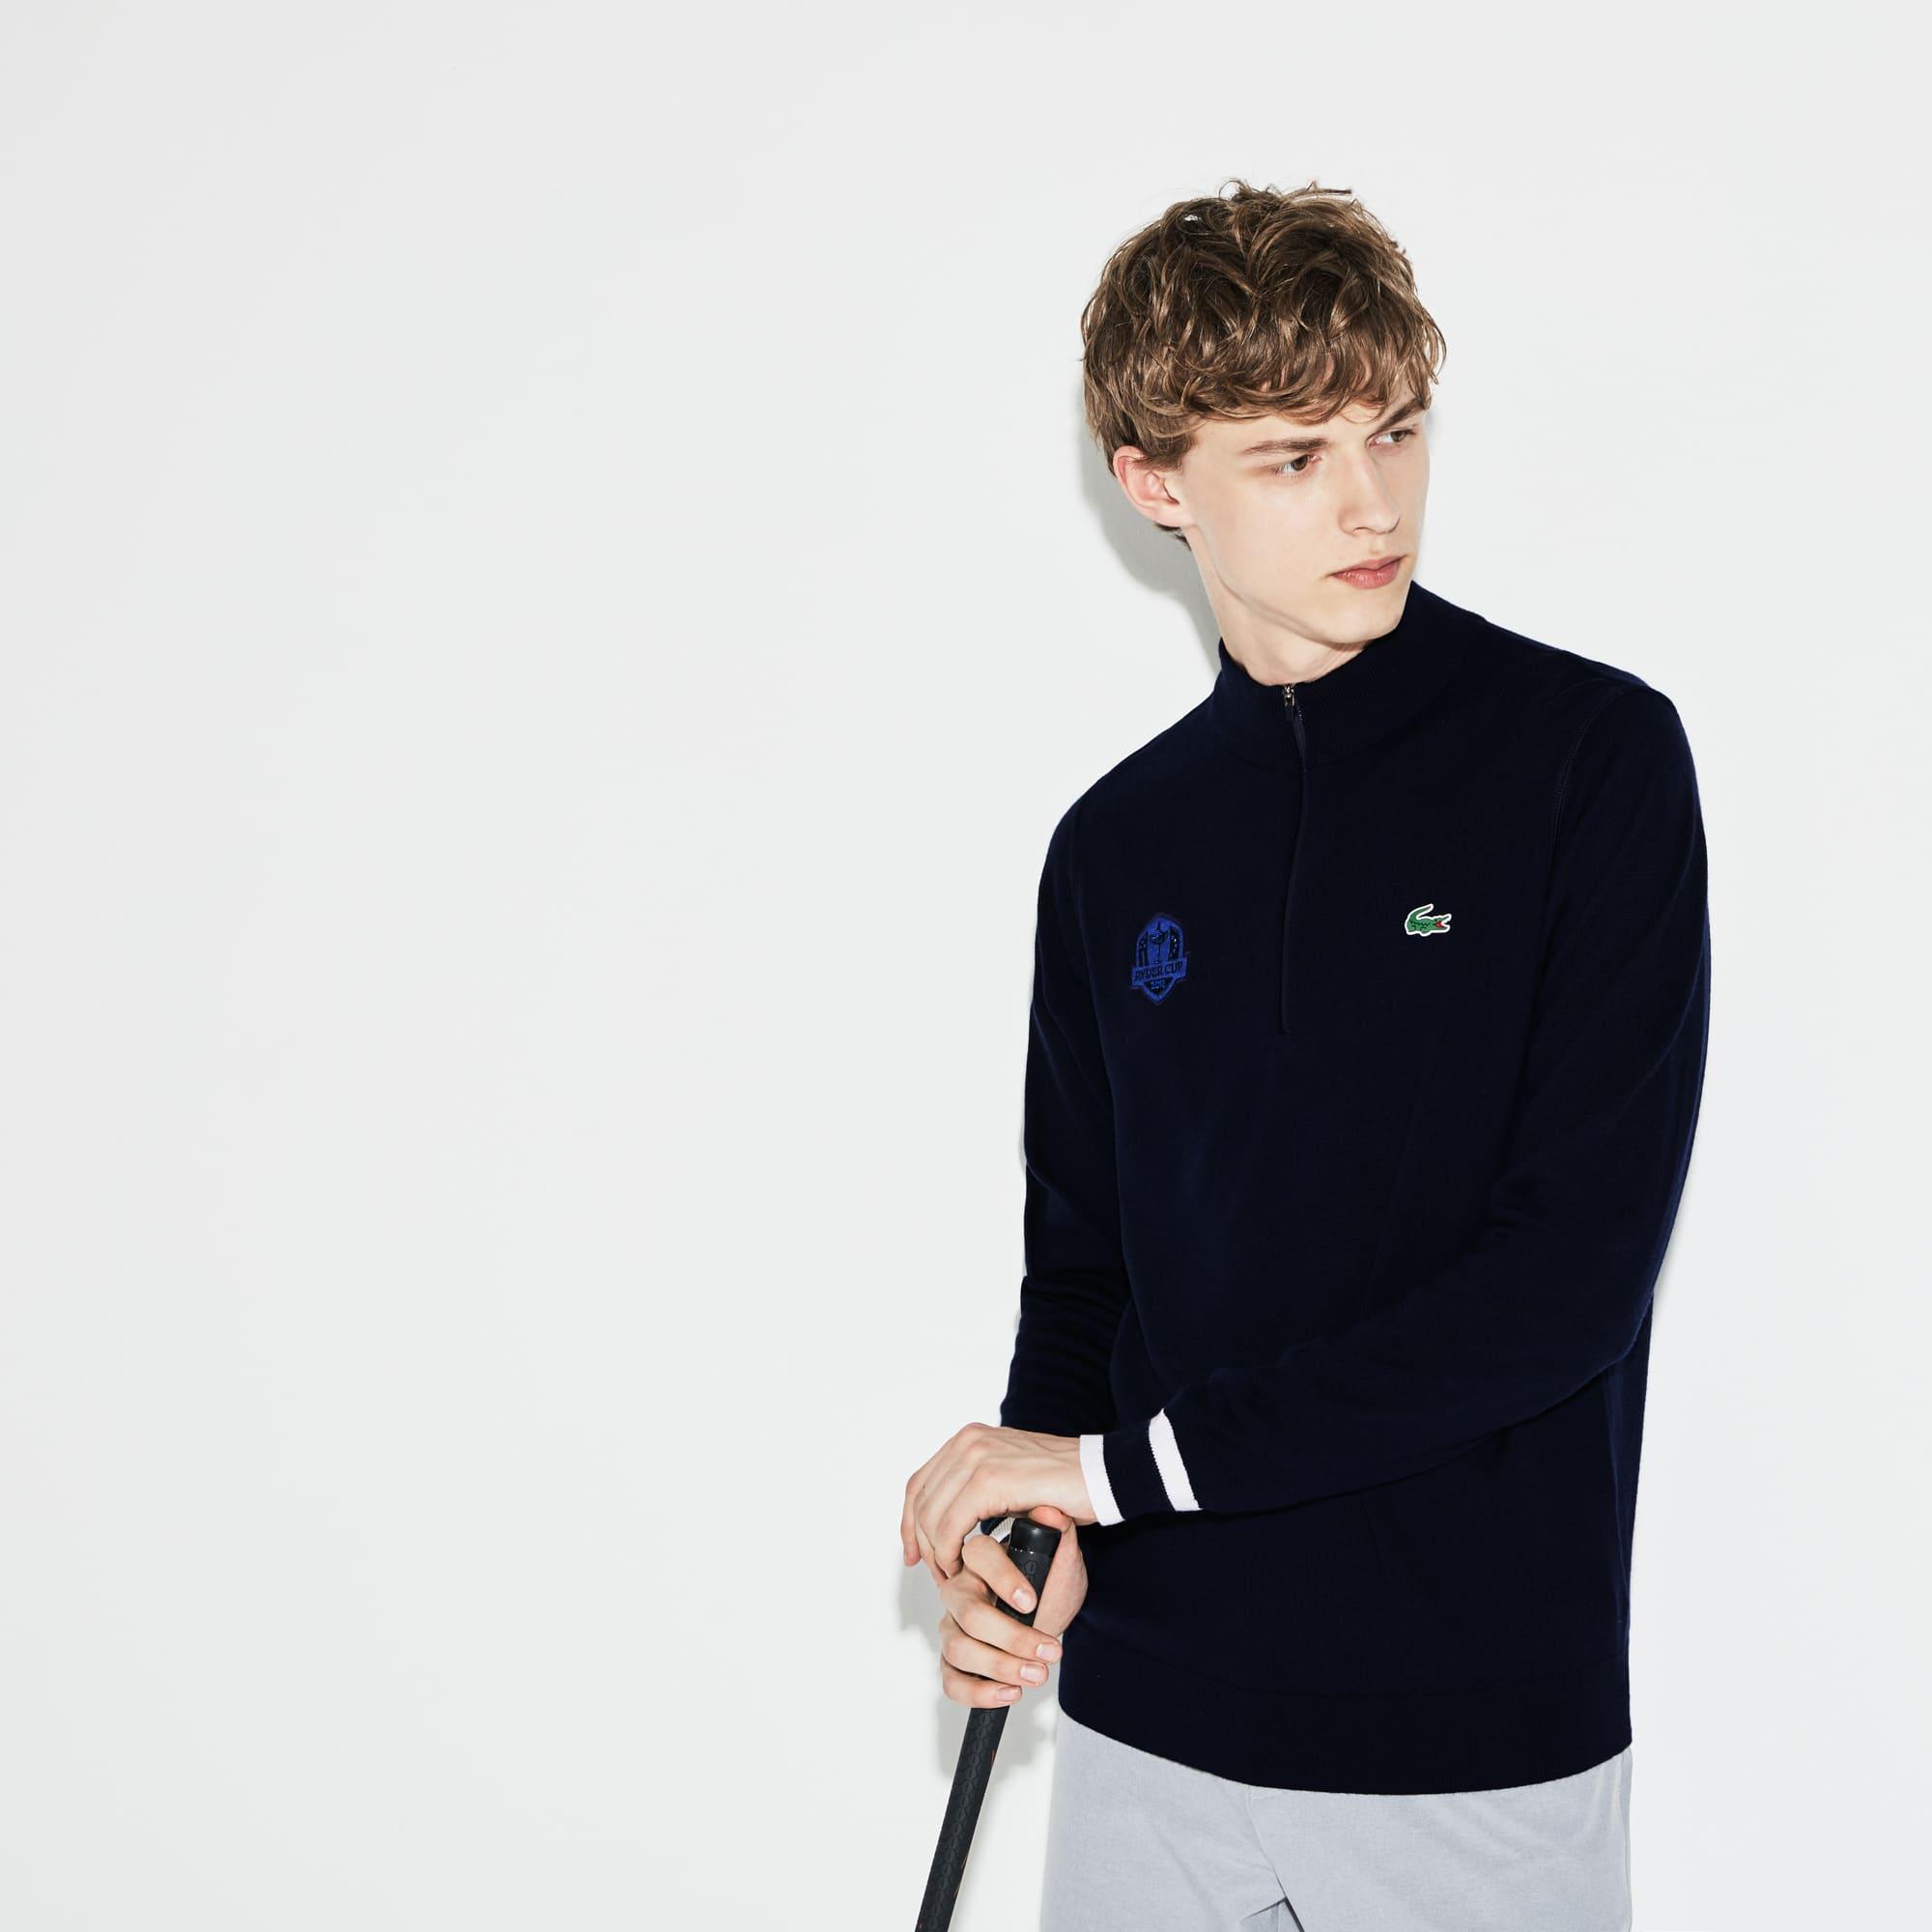 Sudadera cuello con cremallera Golf Lacoste SPORT de punto jersey Edición Ryder Cup